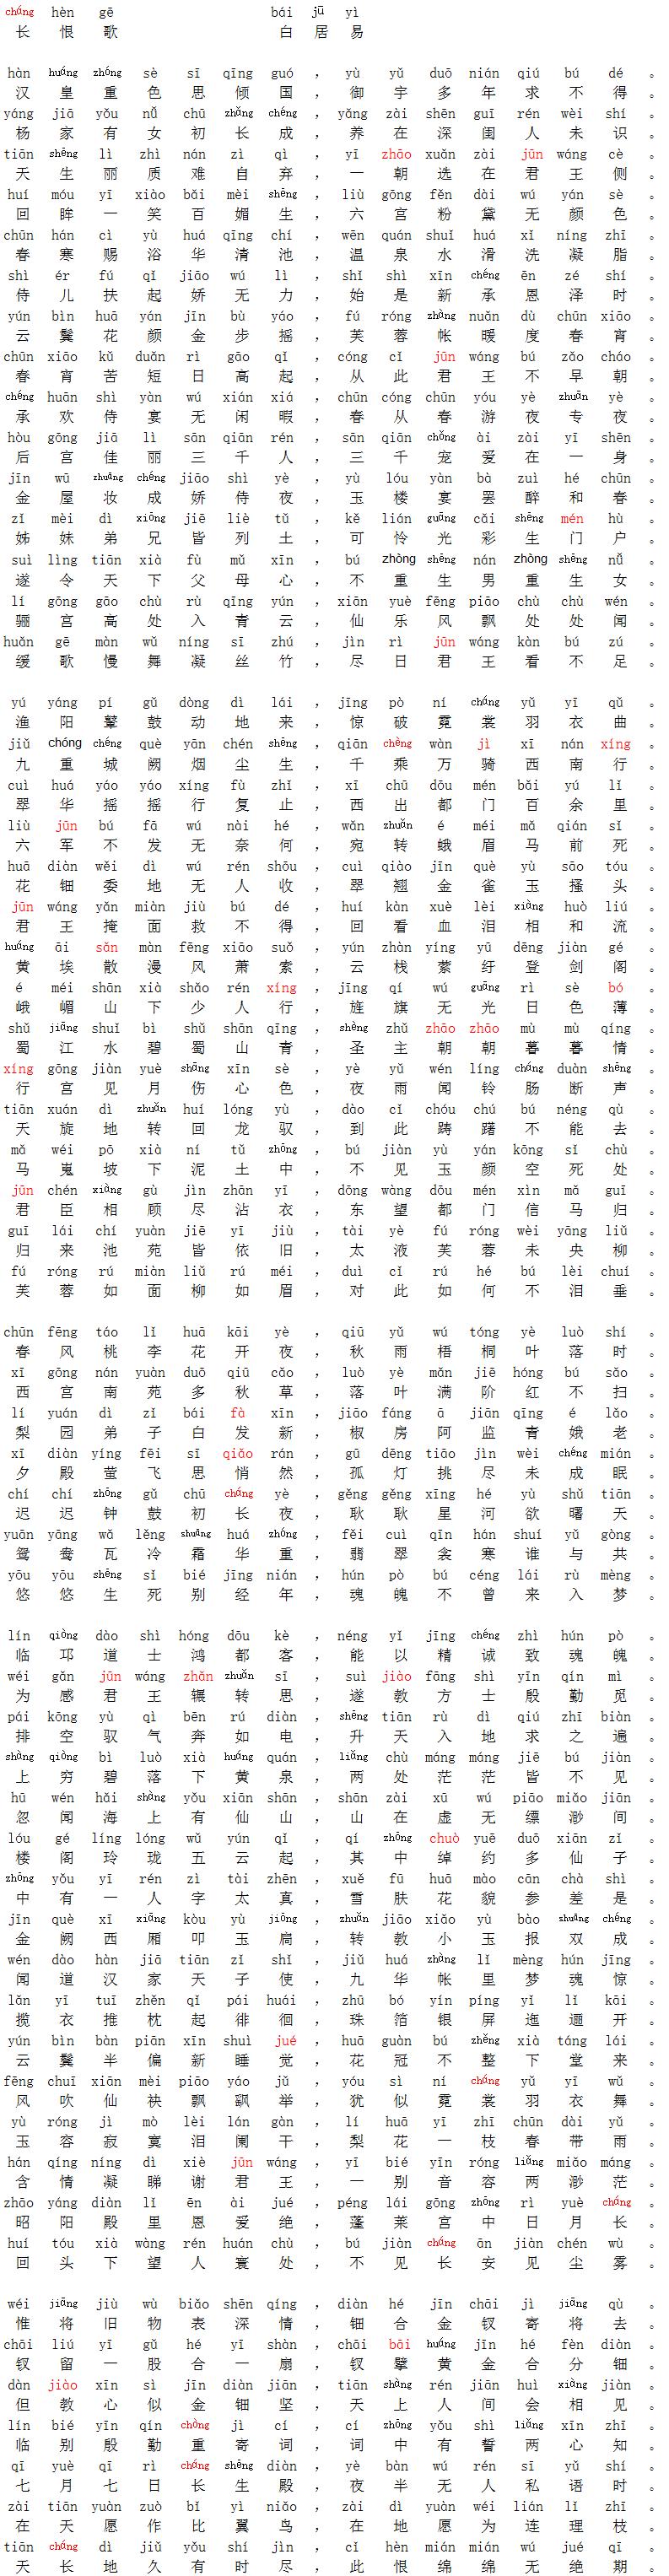 长恨歌原文及翻译(长恨歌谁恨,恨什么,为什么恨)